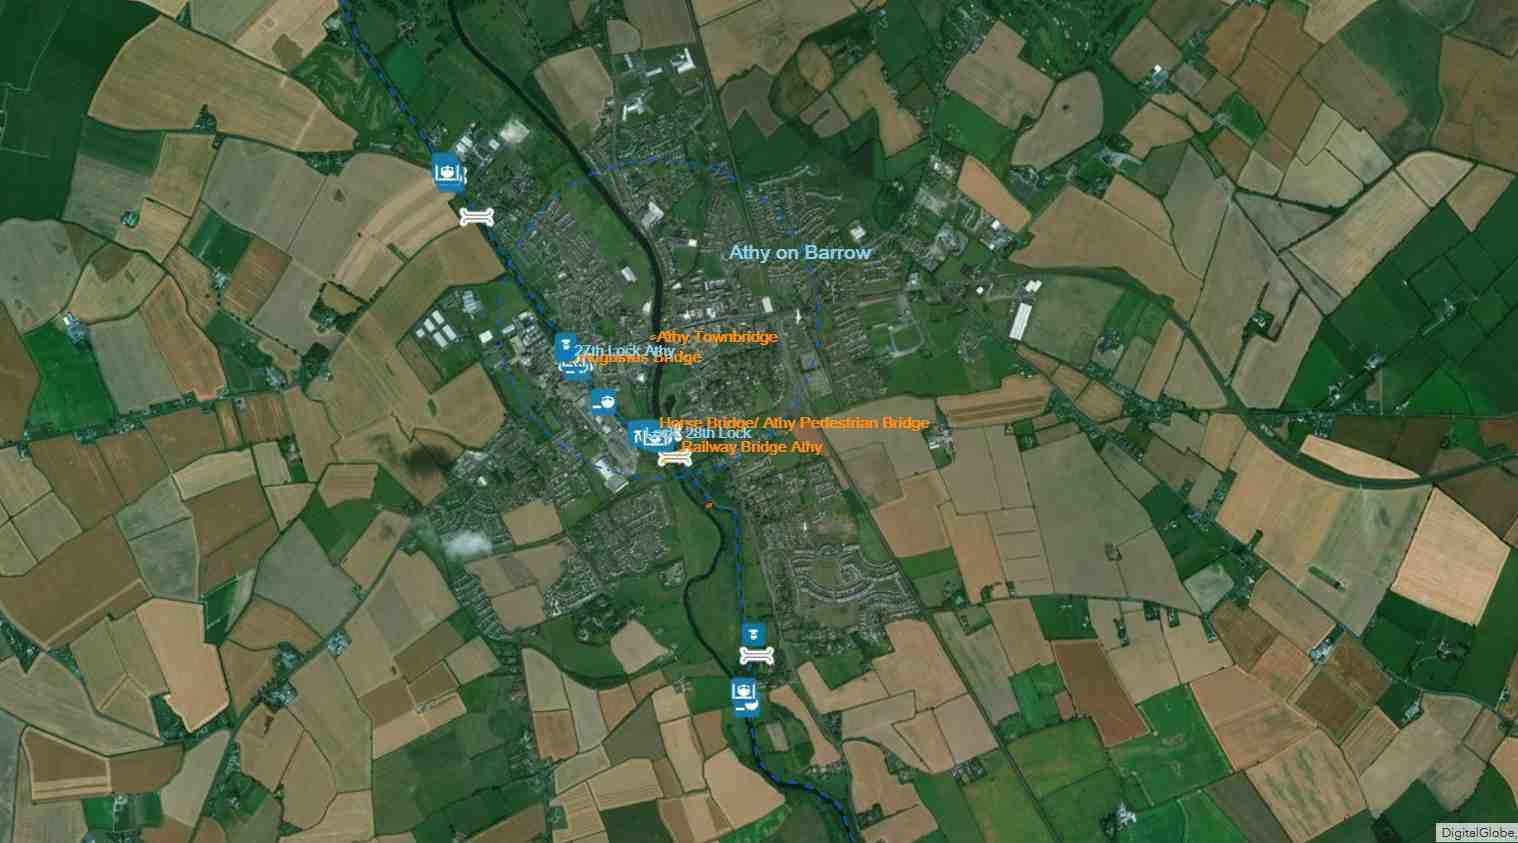 Athy ist eine Stadt im County Kildare in der Republik Irland: © esri